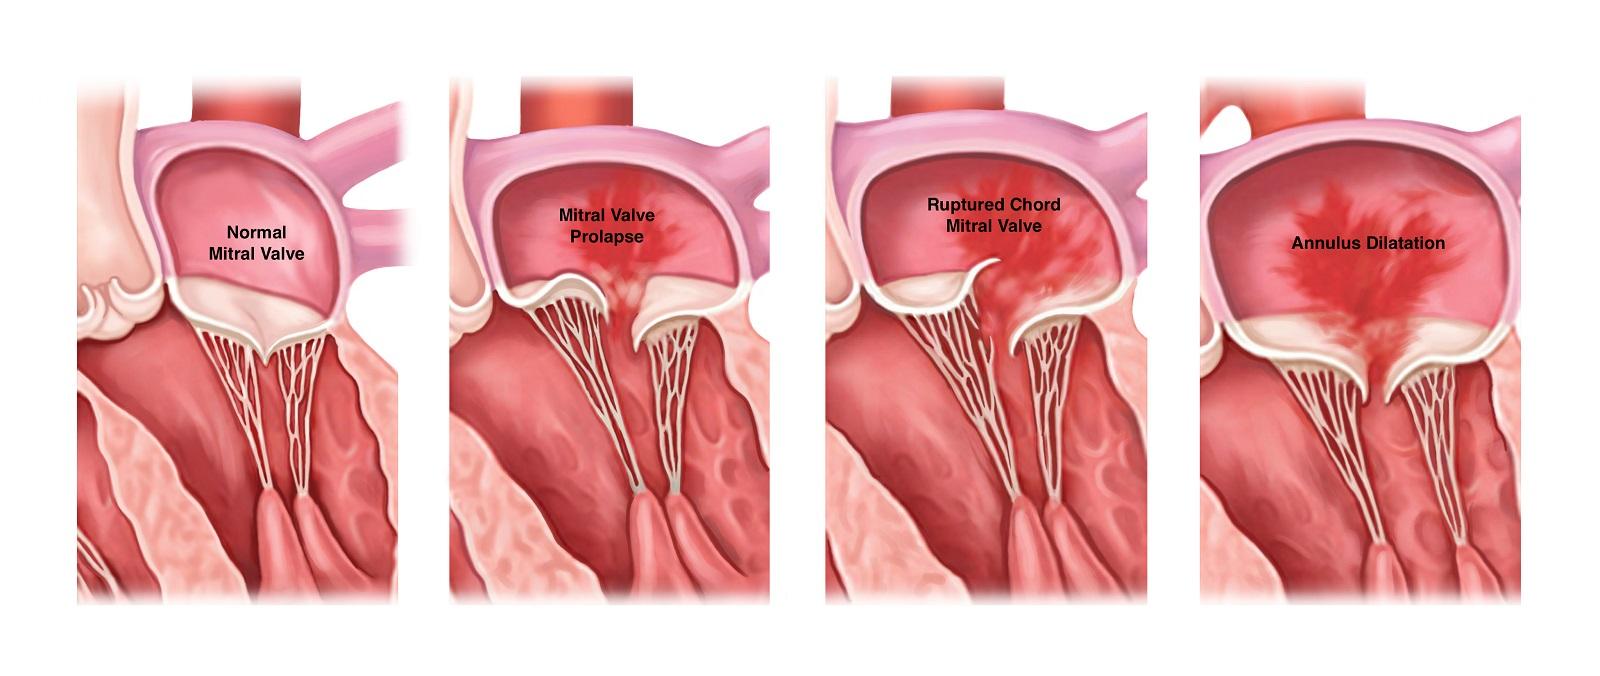 علل بازگشت خون دریچه میترال قلب